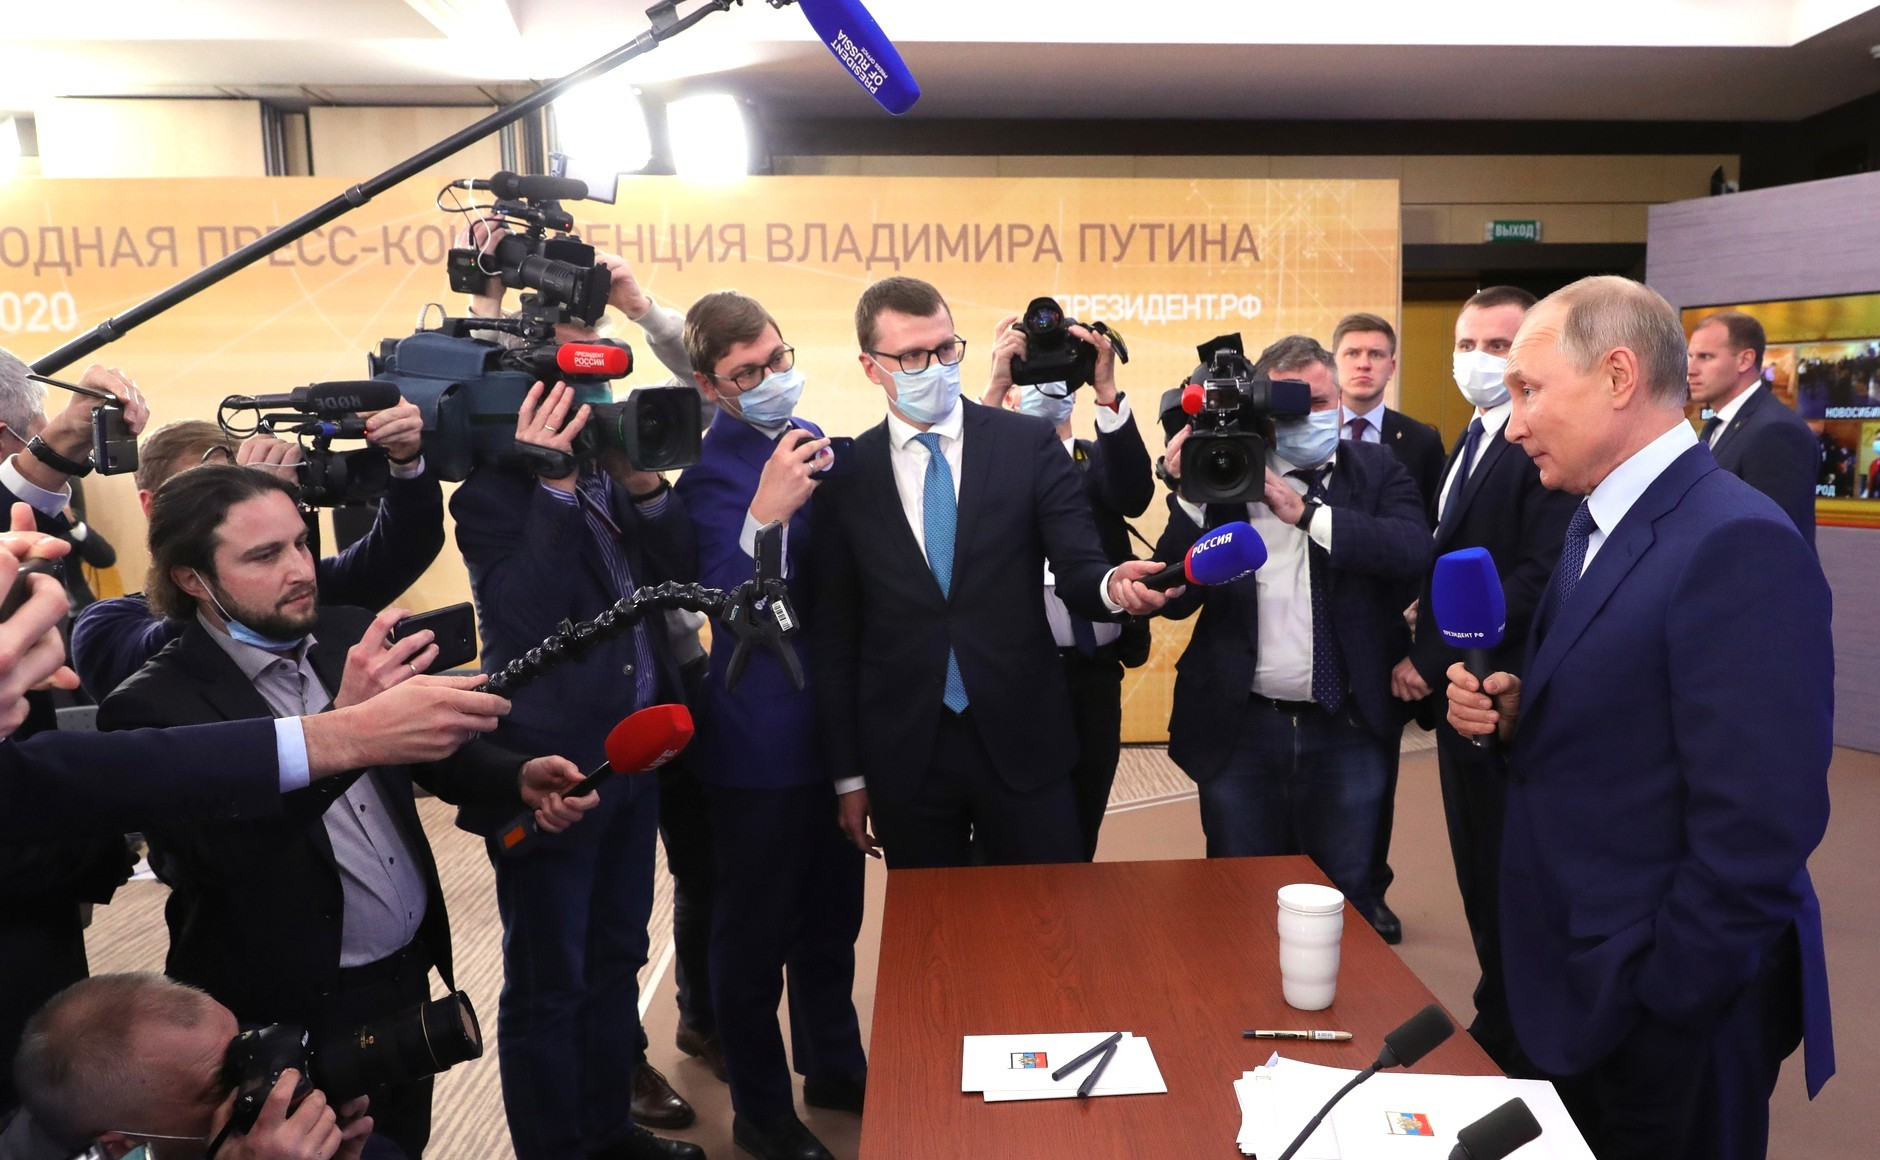 Toàn cảnh cuộc họp báo thường niên năm 2020 của Tổng thống Putin